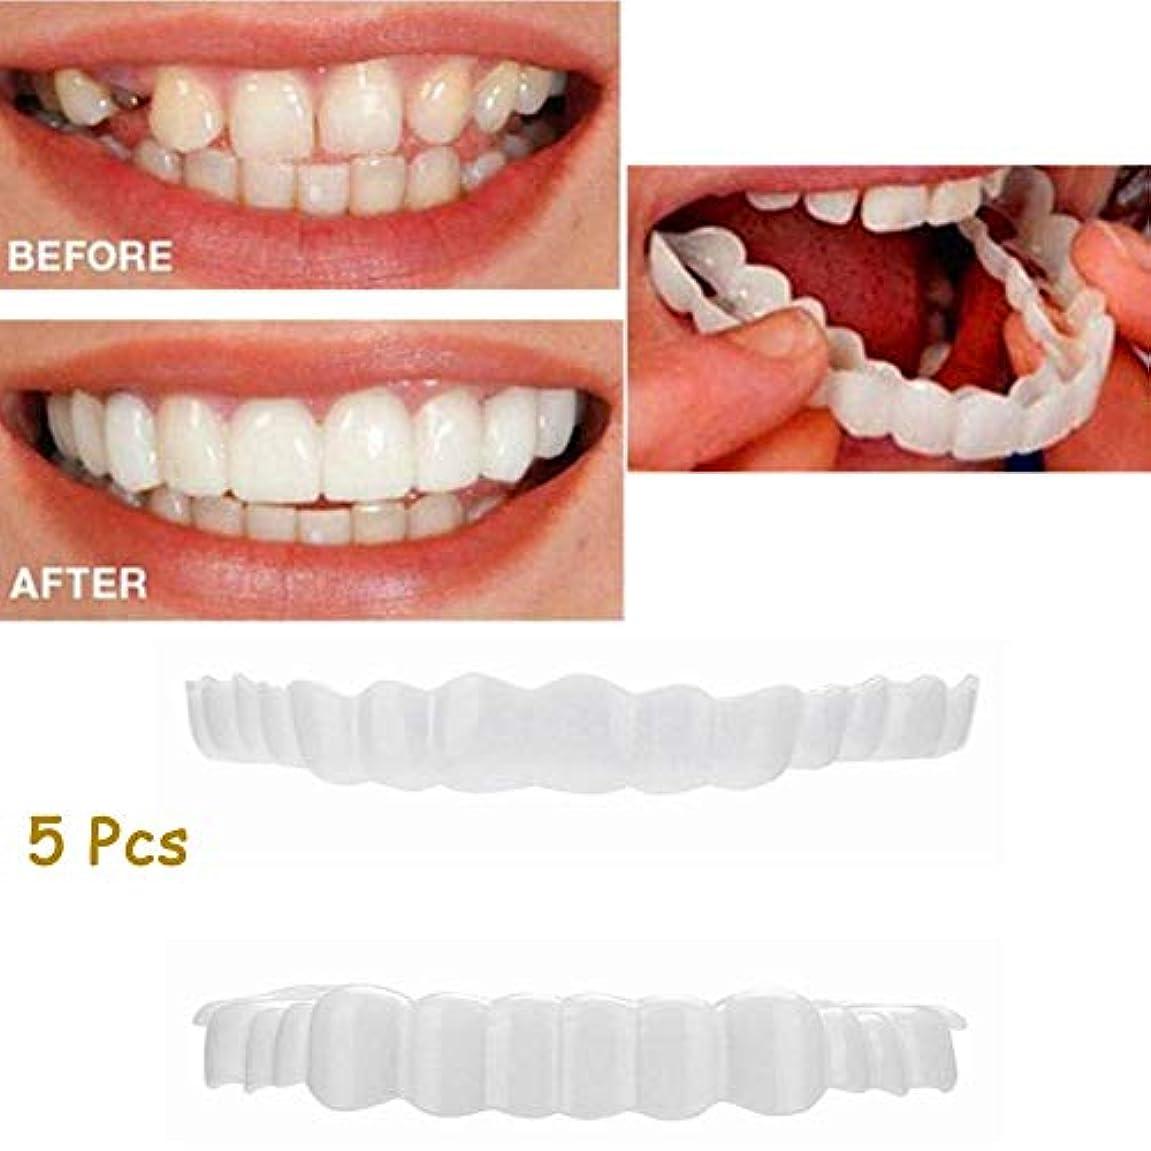 チャンス独立したミット5ピース上歯+下歯セットインスタントパーフェクトコンフォートフィットフレックス化粧品歯入れ歯歯ホワイトニングスマイルフェイク歯